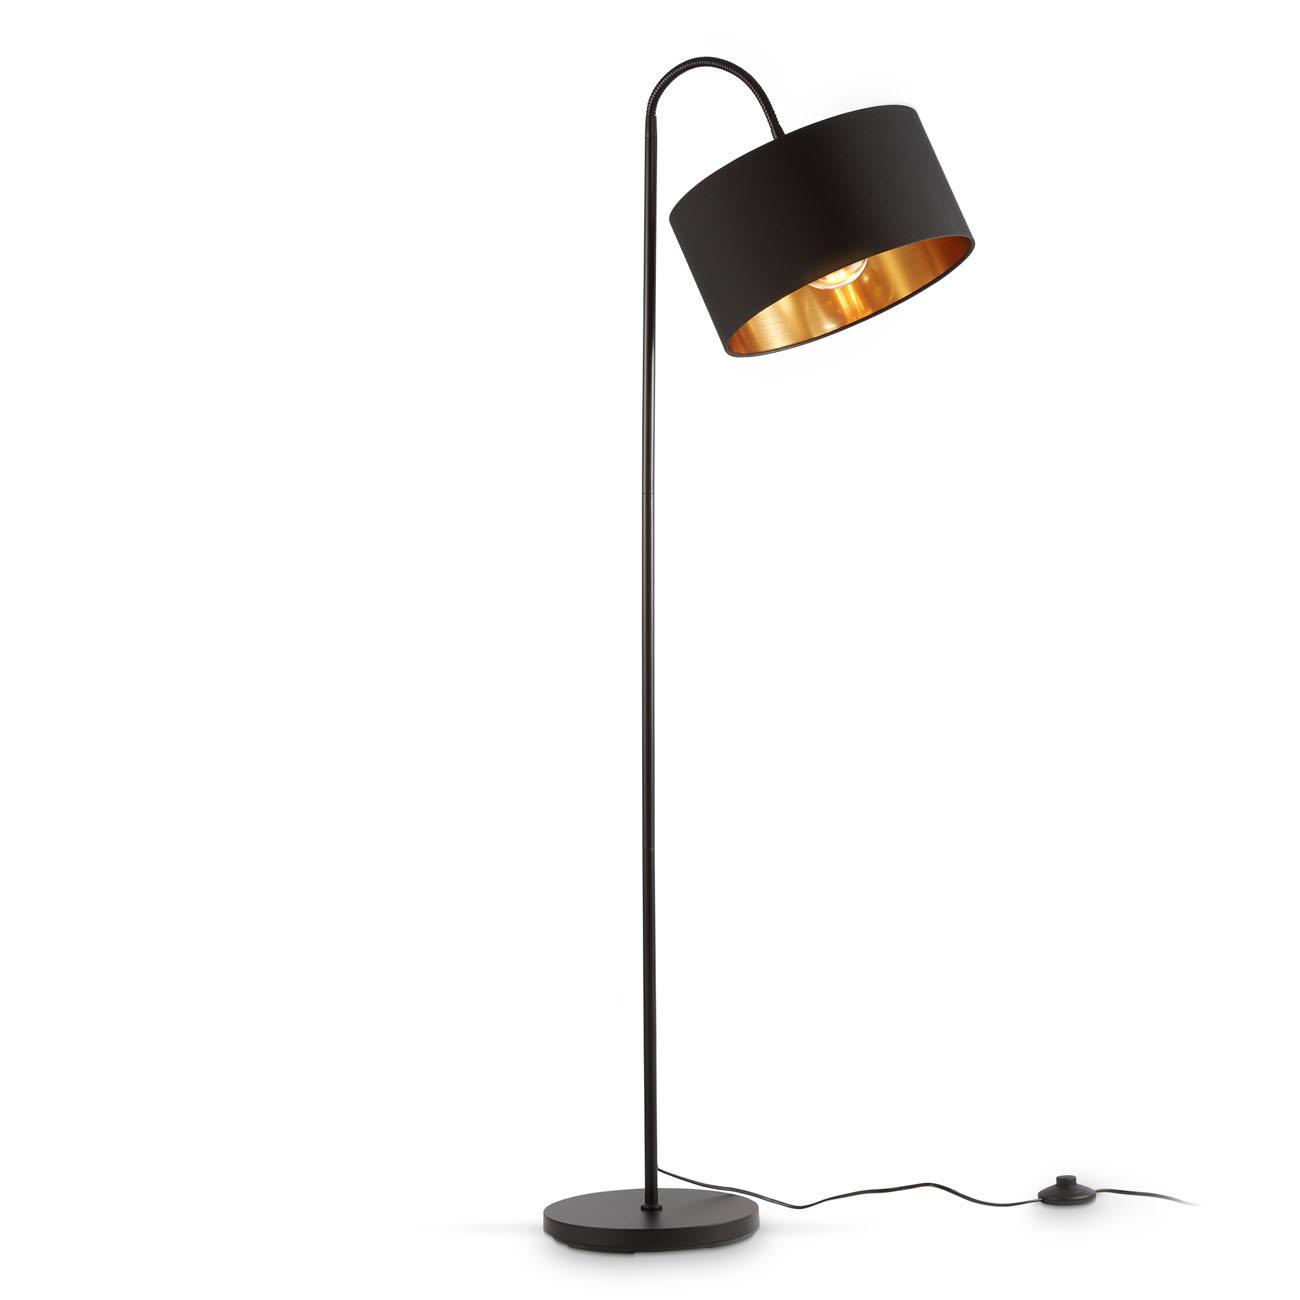 Stehlampe mit schwenkbarem Stoffschirm schwarz-gold E27